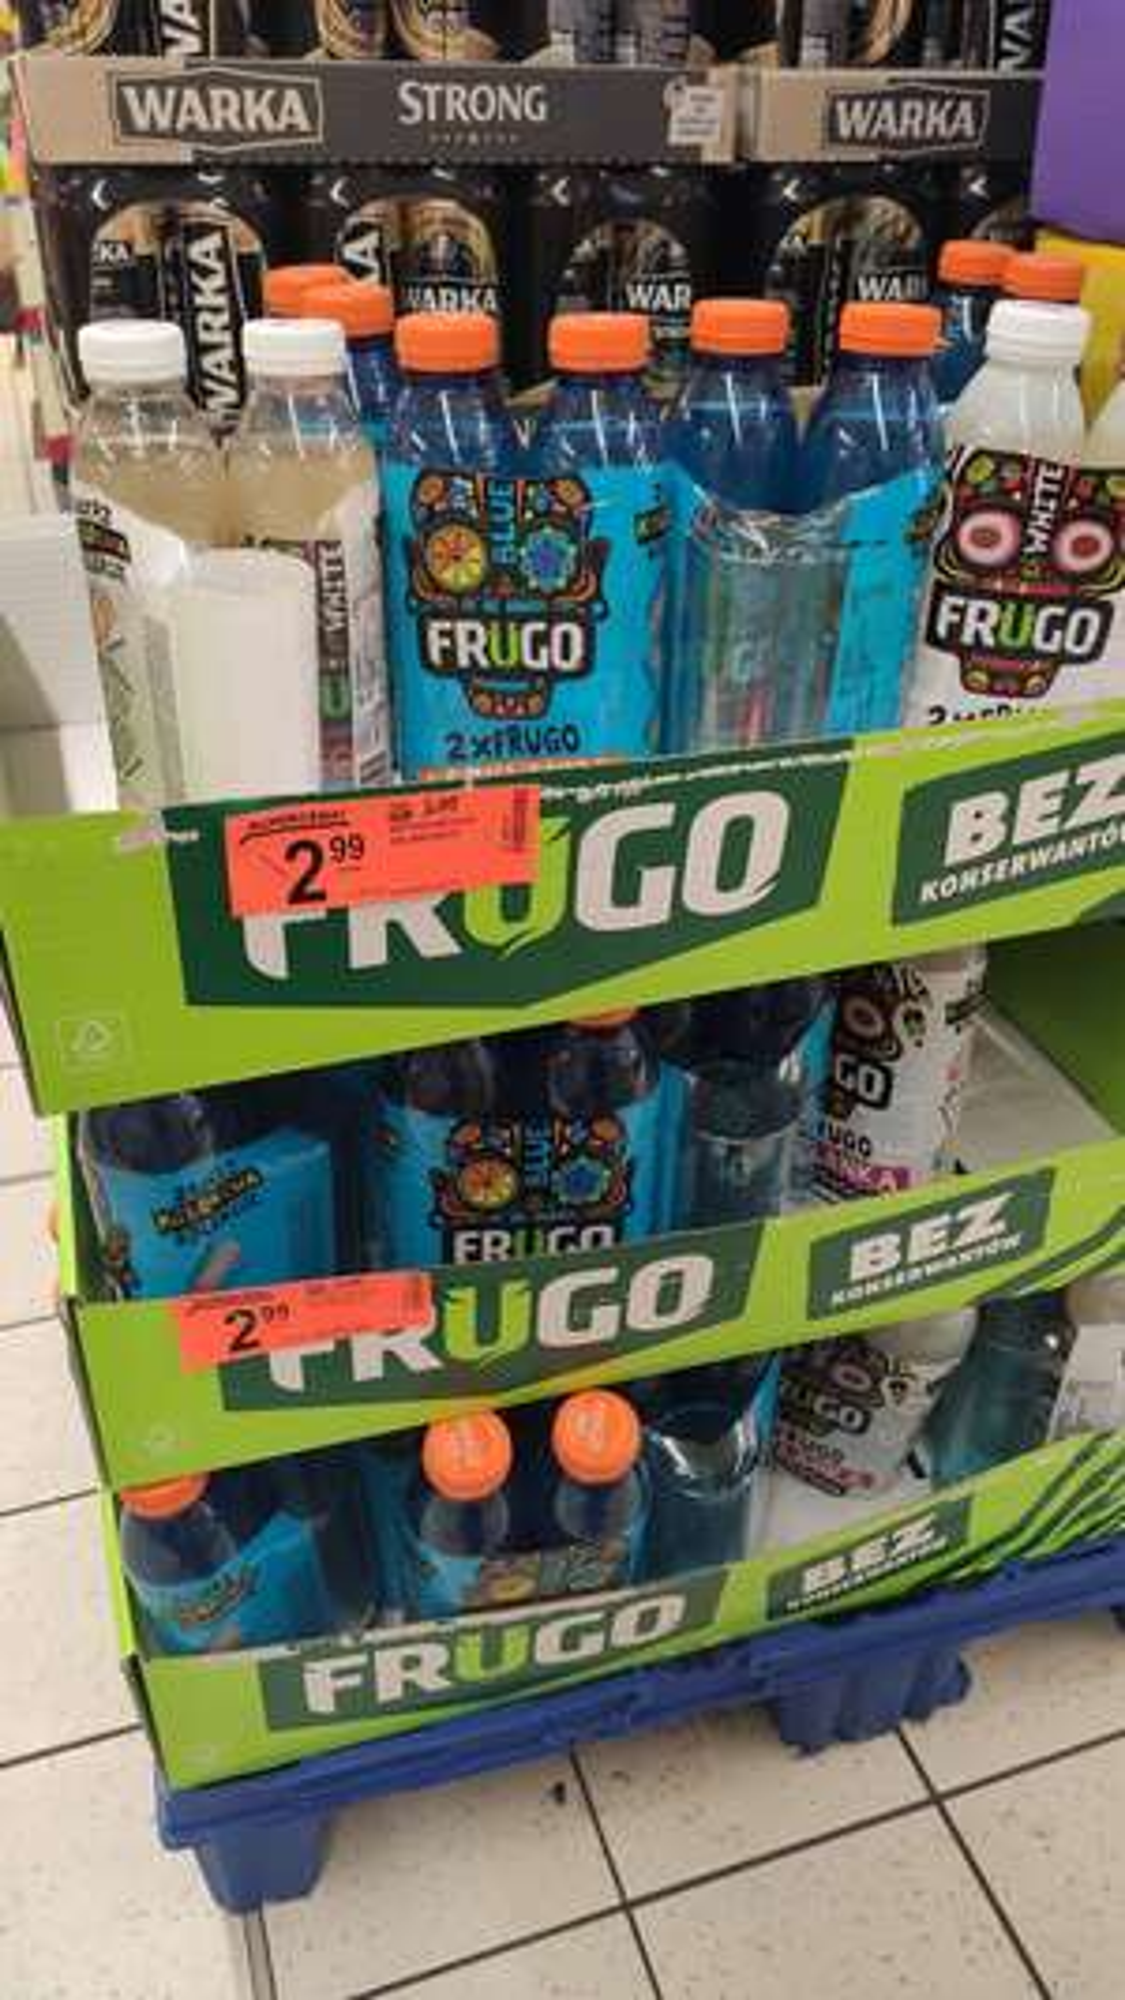 2x FRUGO plus szklanka w prezencie (Biedronka)